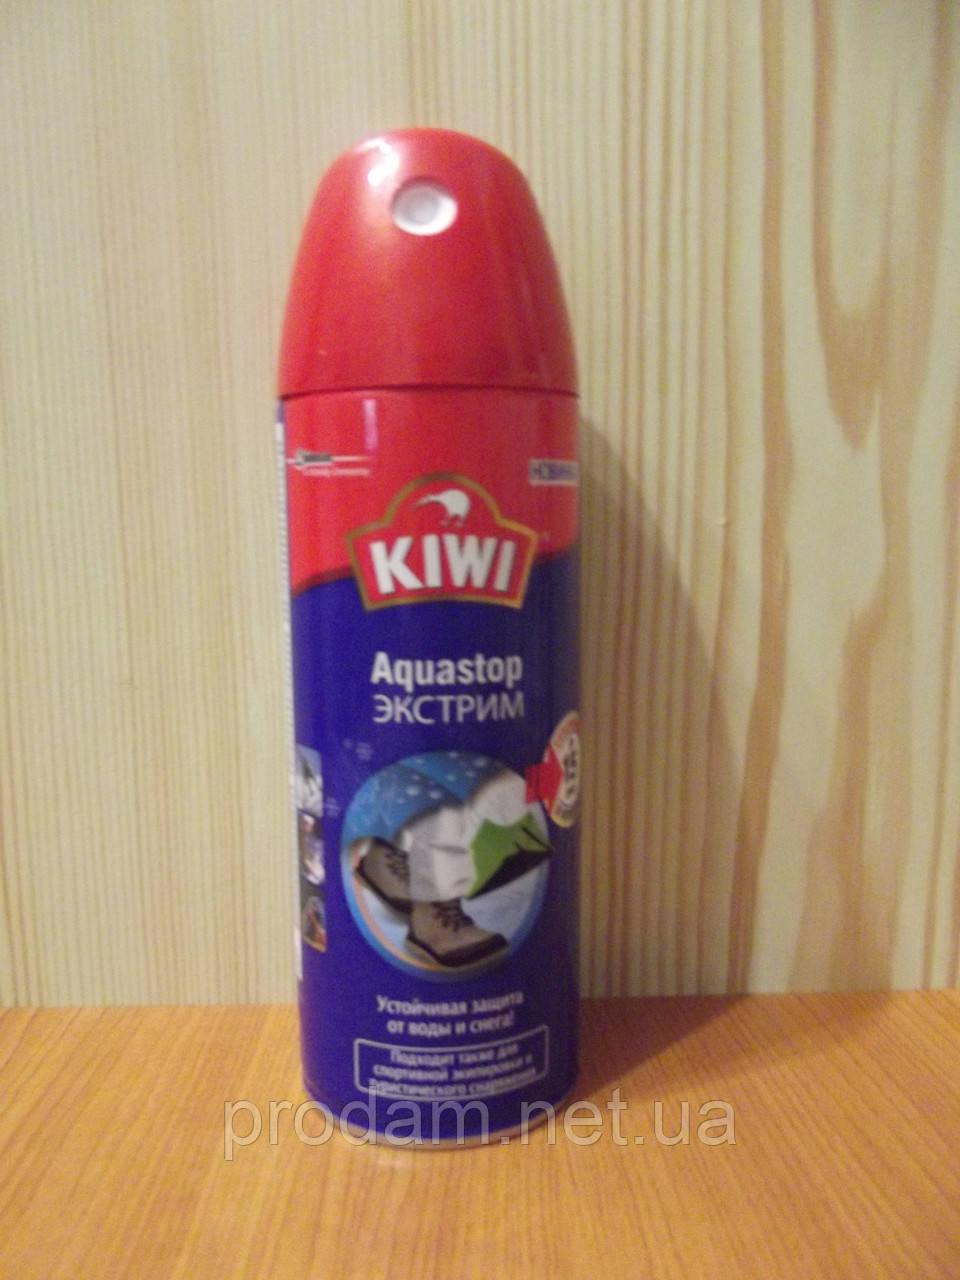 Пропитка Kiwi аквастоп экстрим